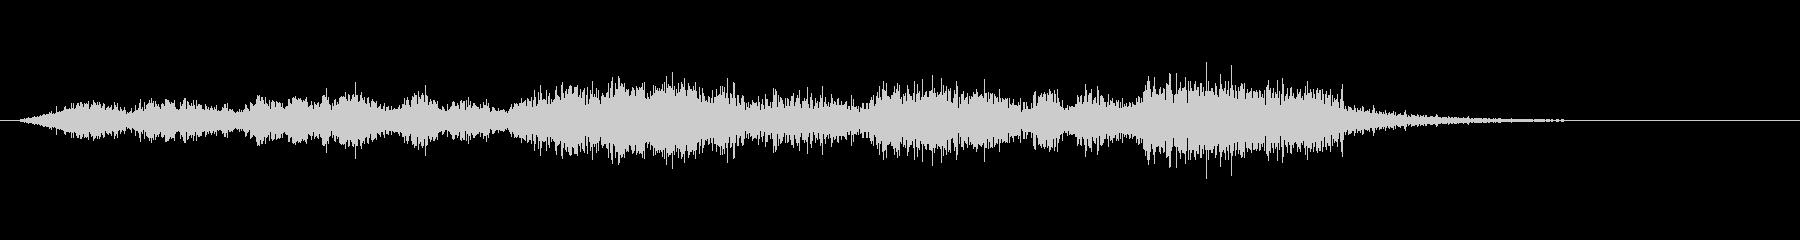 2「奇妙な音、不快な音、うっとうしげ」の未再生の波形